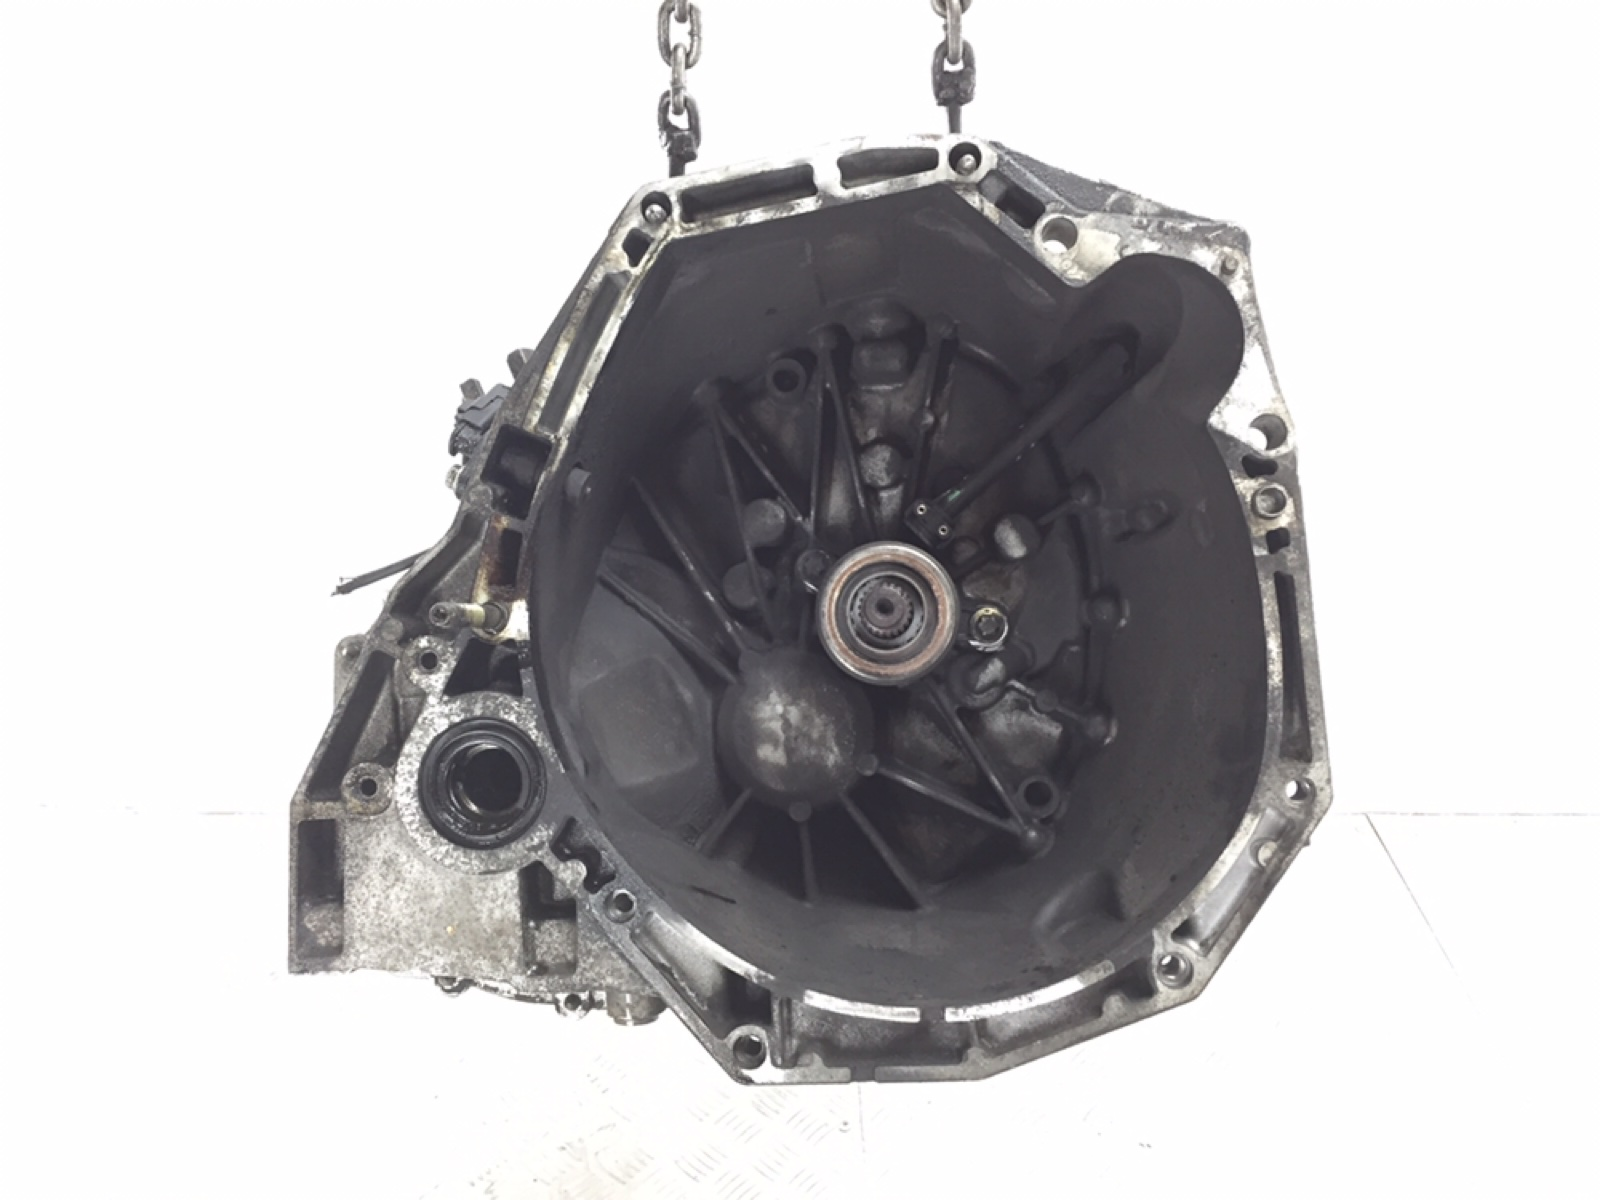 Кпп механическая (мкпп) Renault Scenic 2 1.6 I 2007 (б/у)